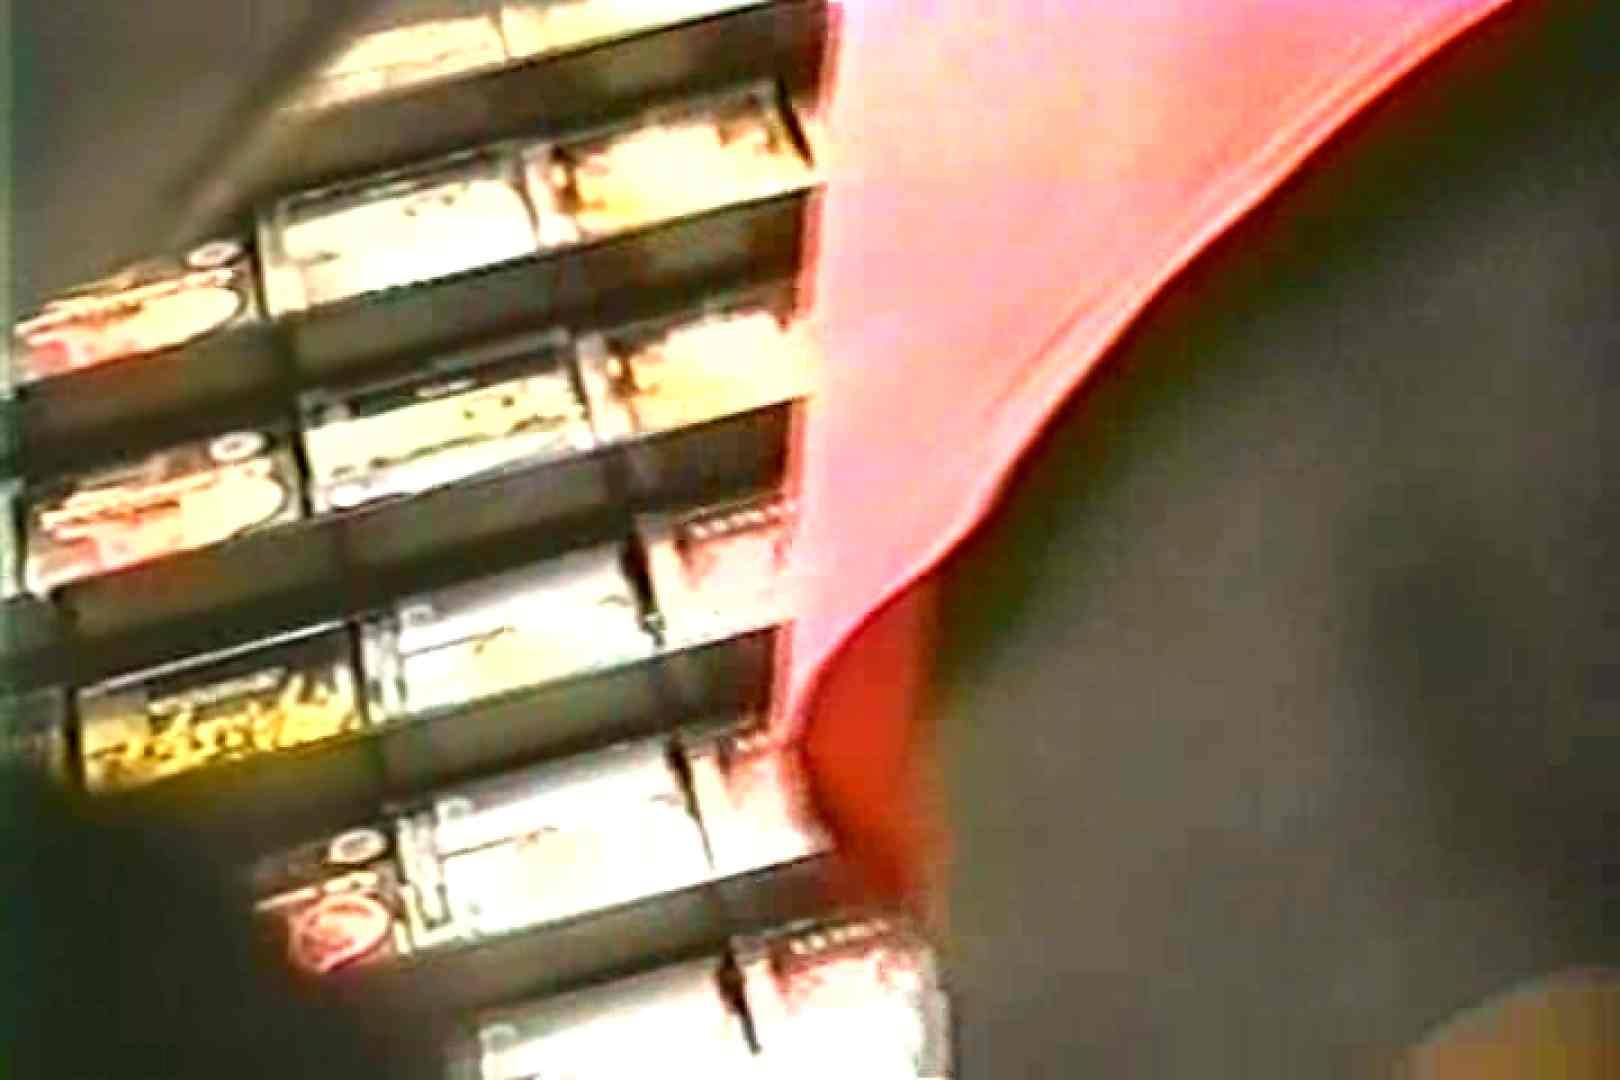 「ちくりん」さんのオリジナル未編集パンチラVol.9_02 パンチラ  85枚 37